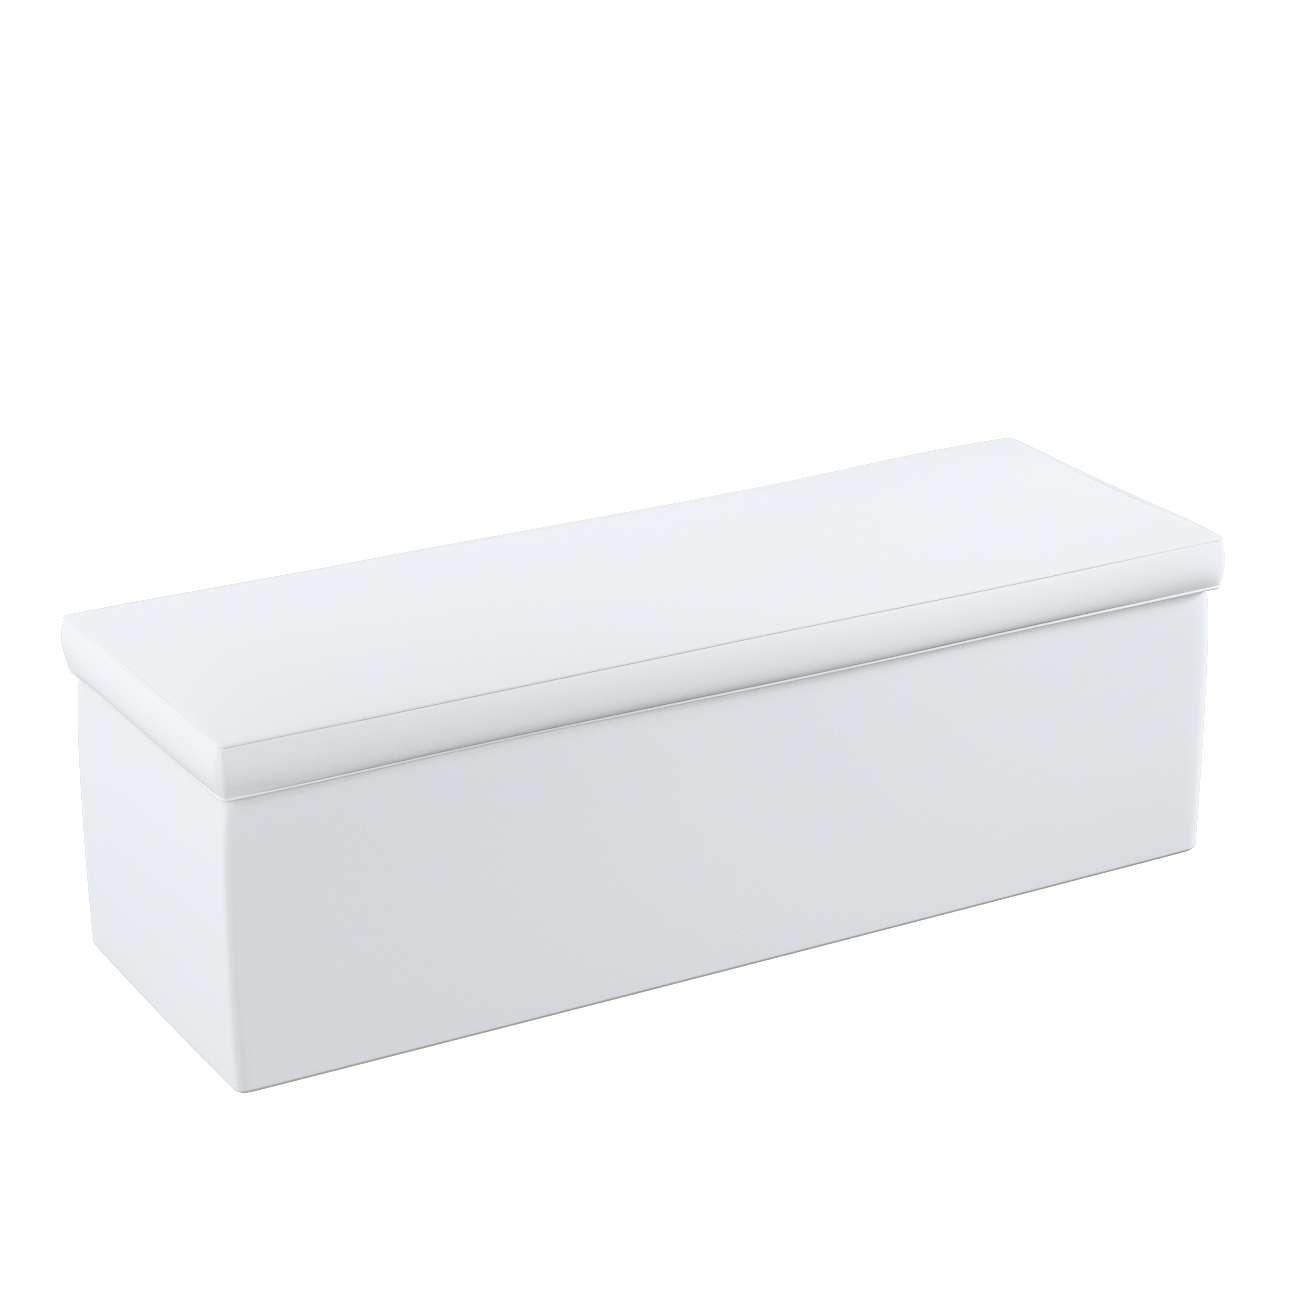 Čalouněná skříň s volbou látky - 2 velikosti v kolekci Loneta, látka: 133-02